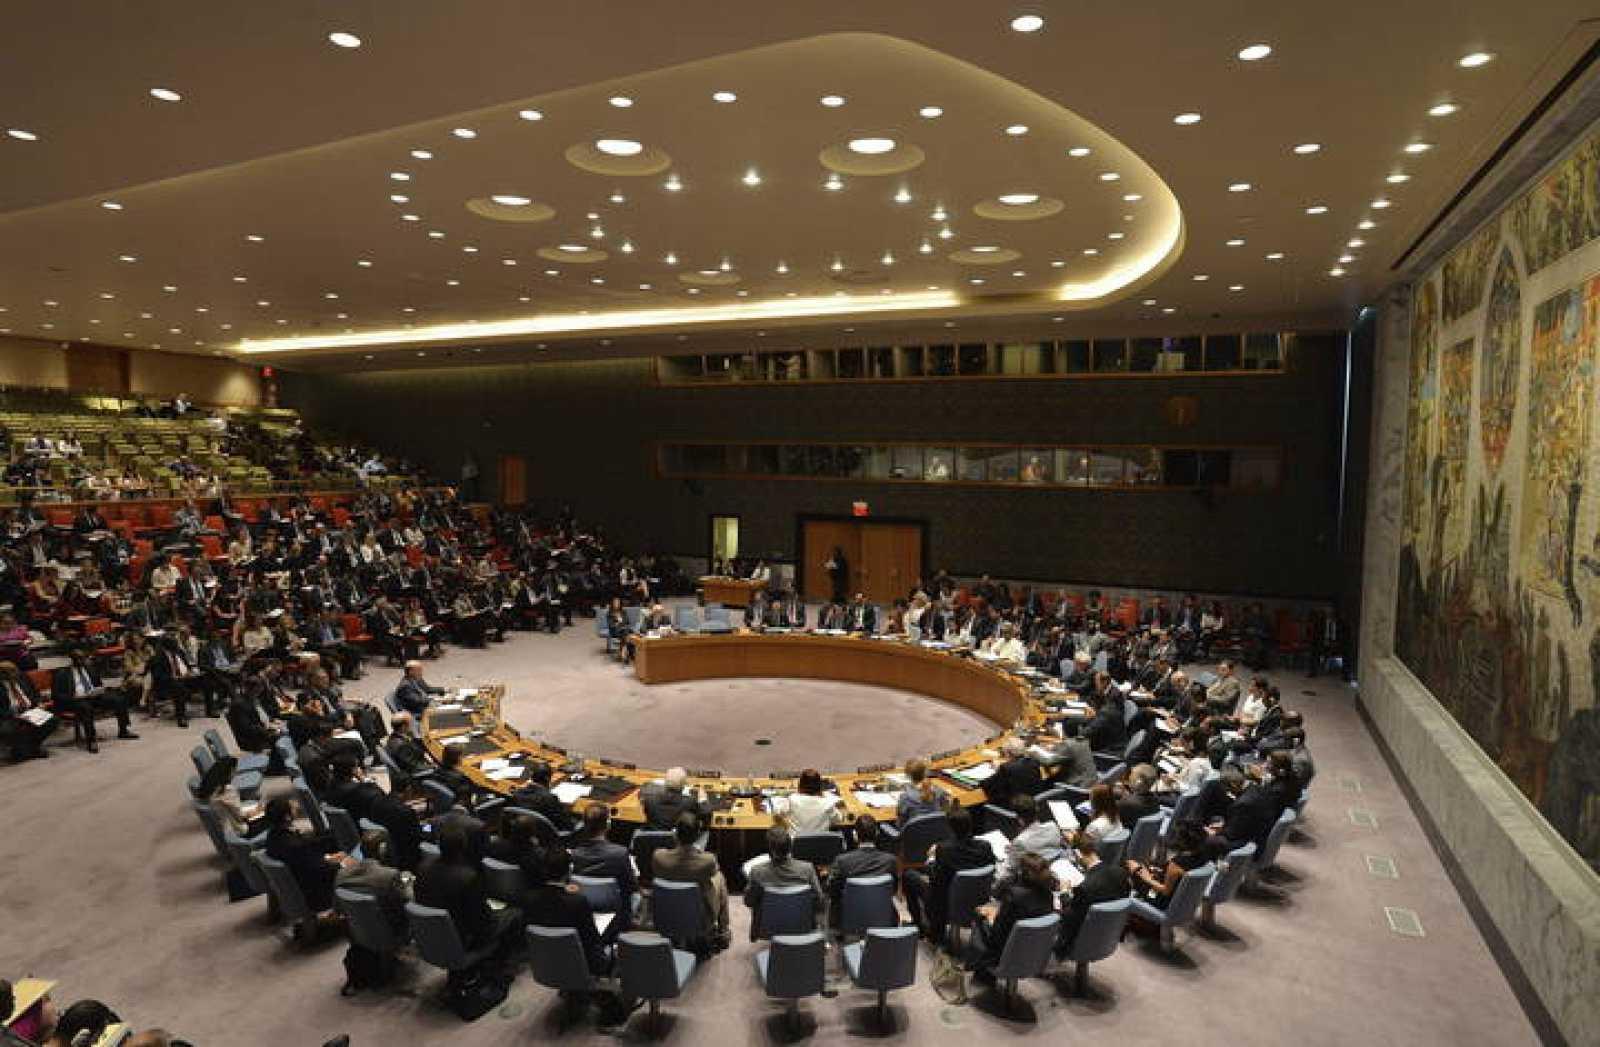 CONSEJO DE SEGURIDAD DE LA ONU SE REÚNE PARA TRATAR SITUACIÓN EN GAZA